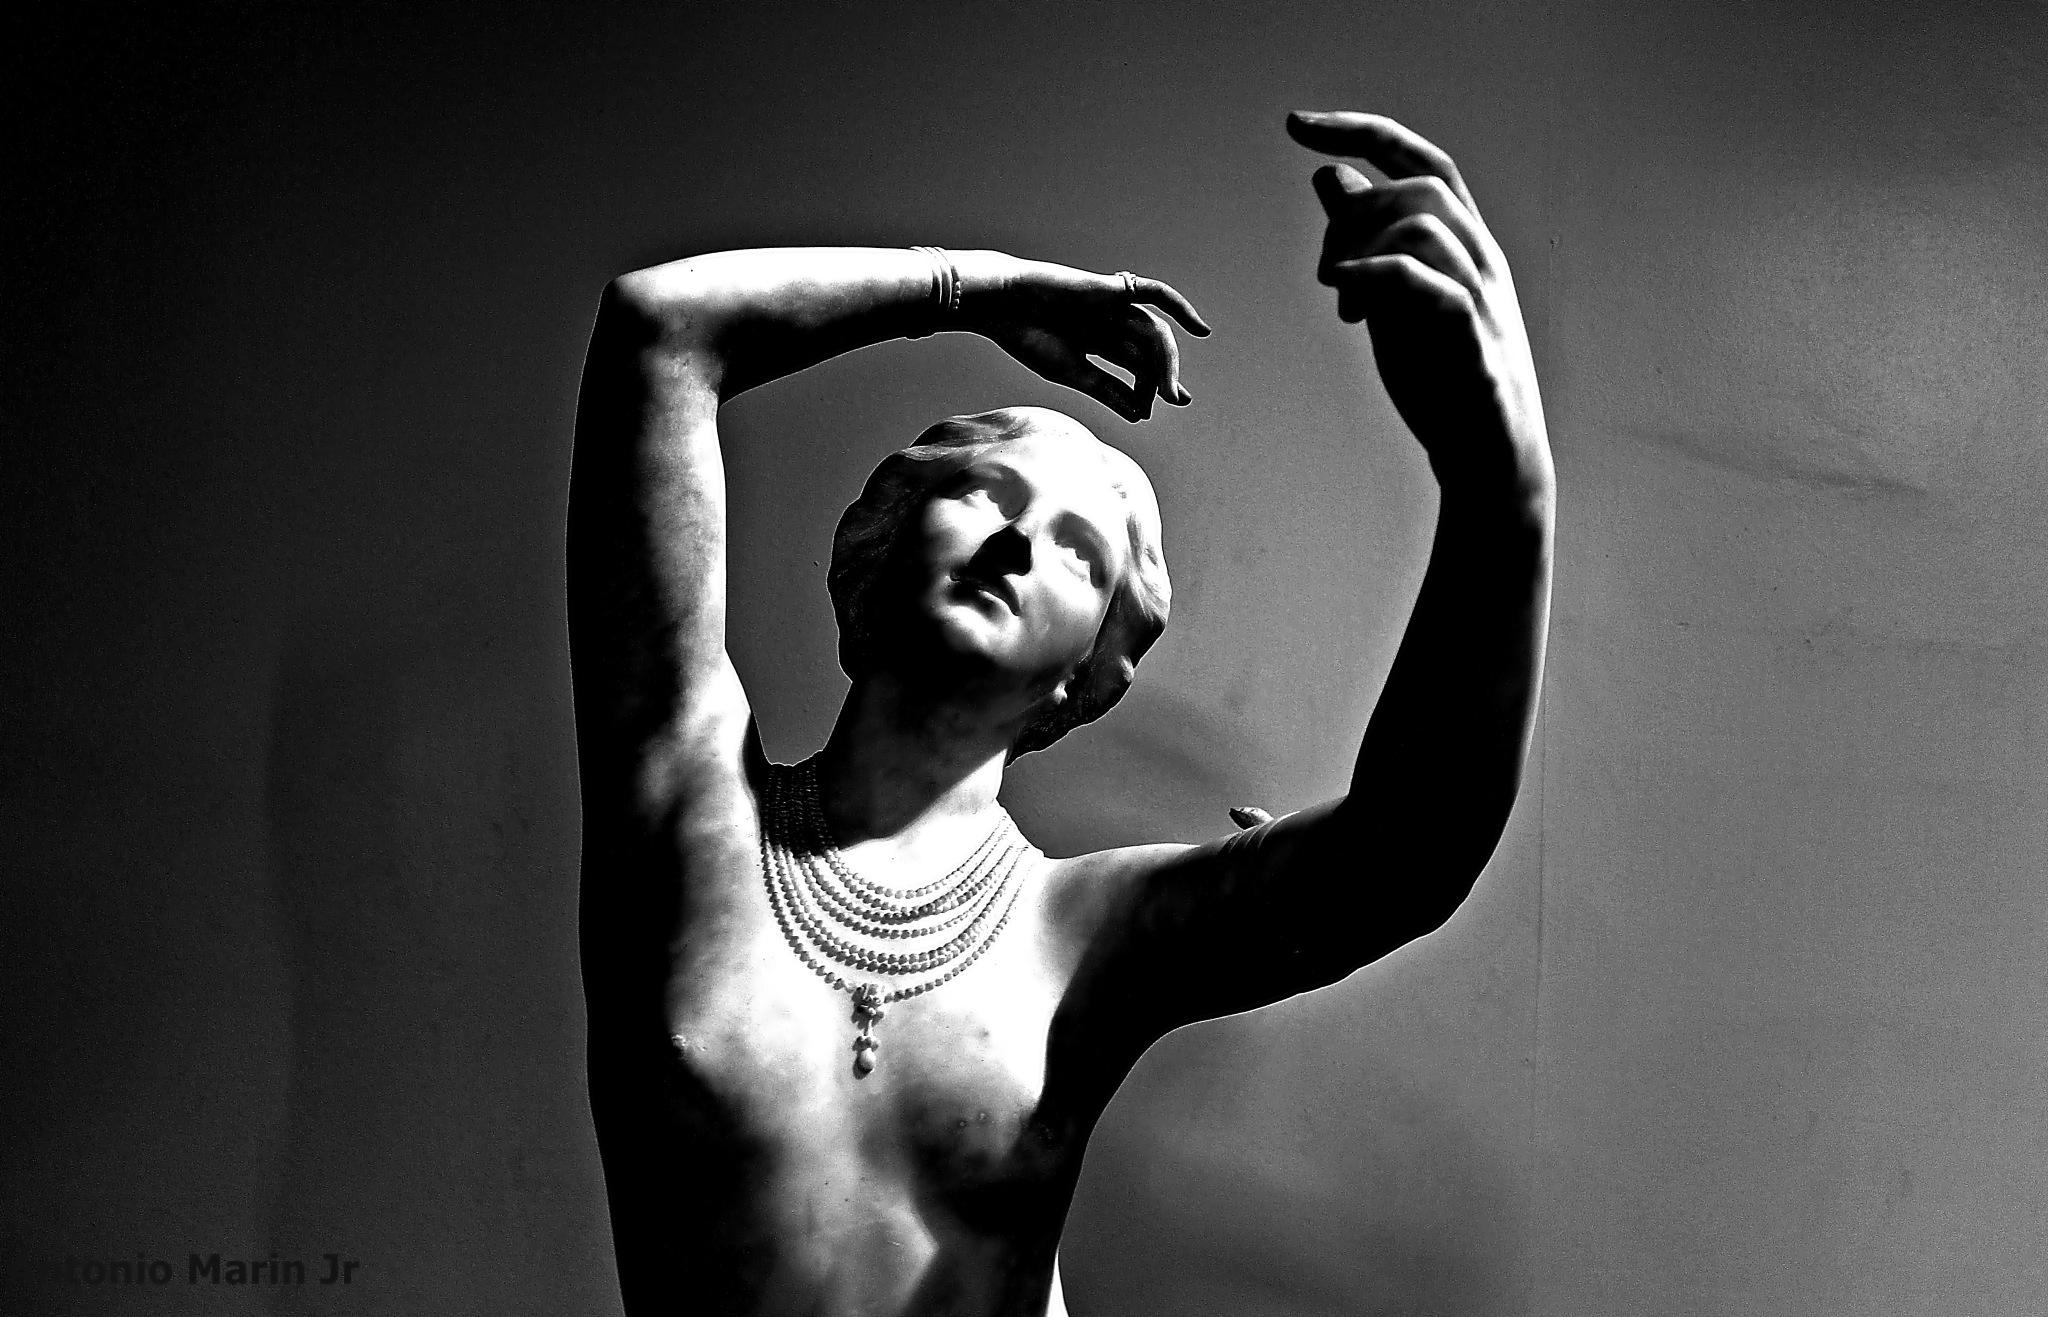 Crysis - Escultura de A. Faoust  by Antonio Marin Jr